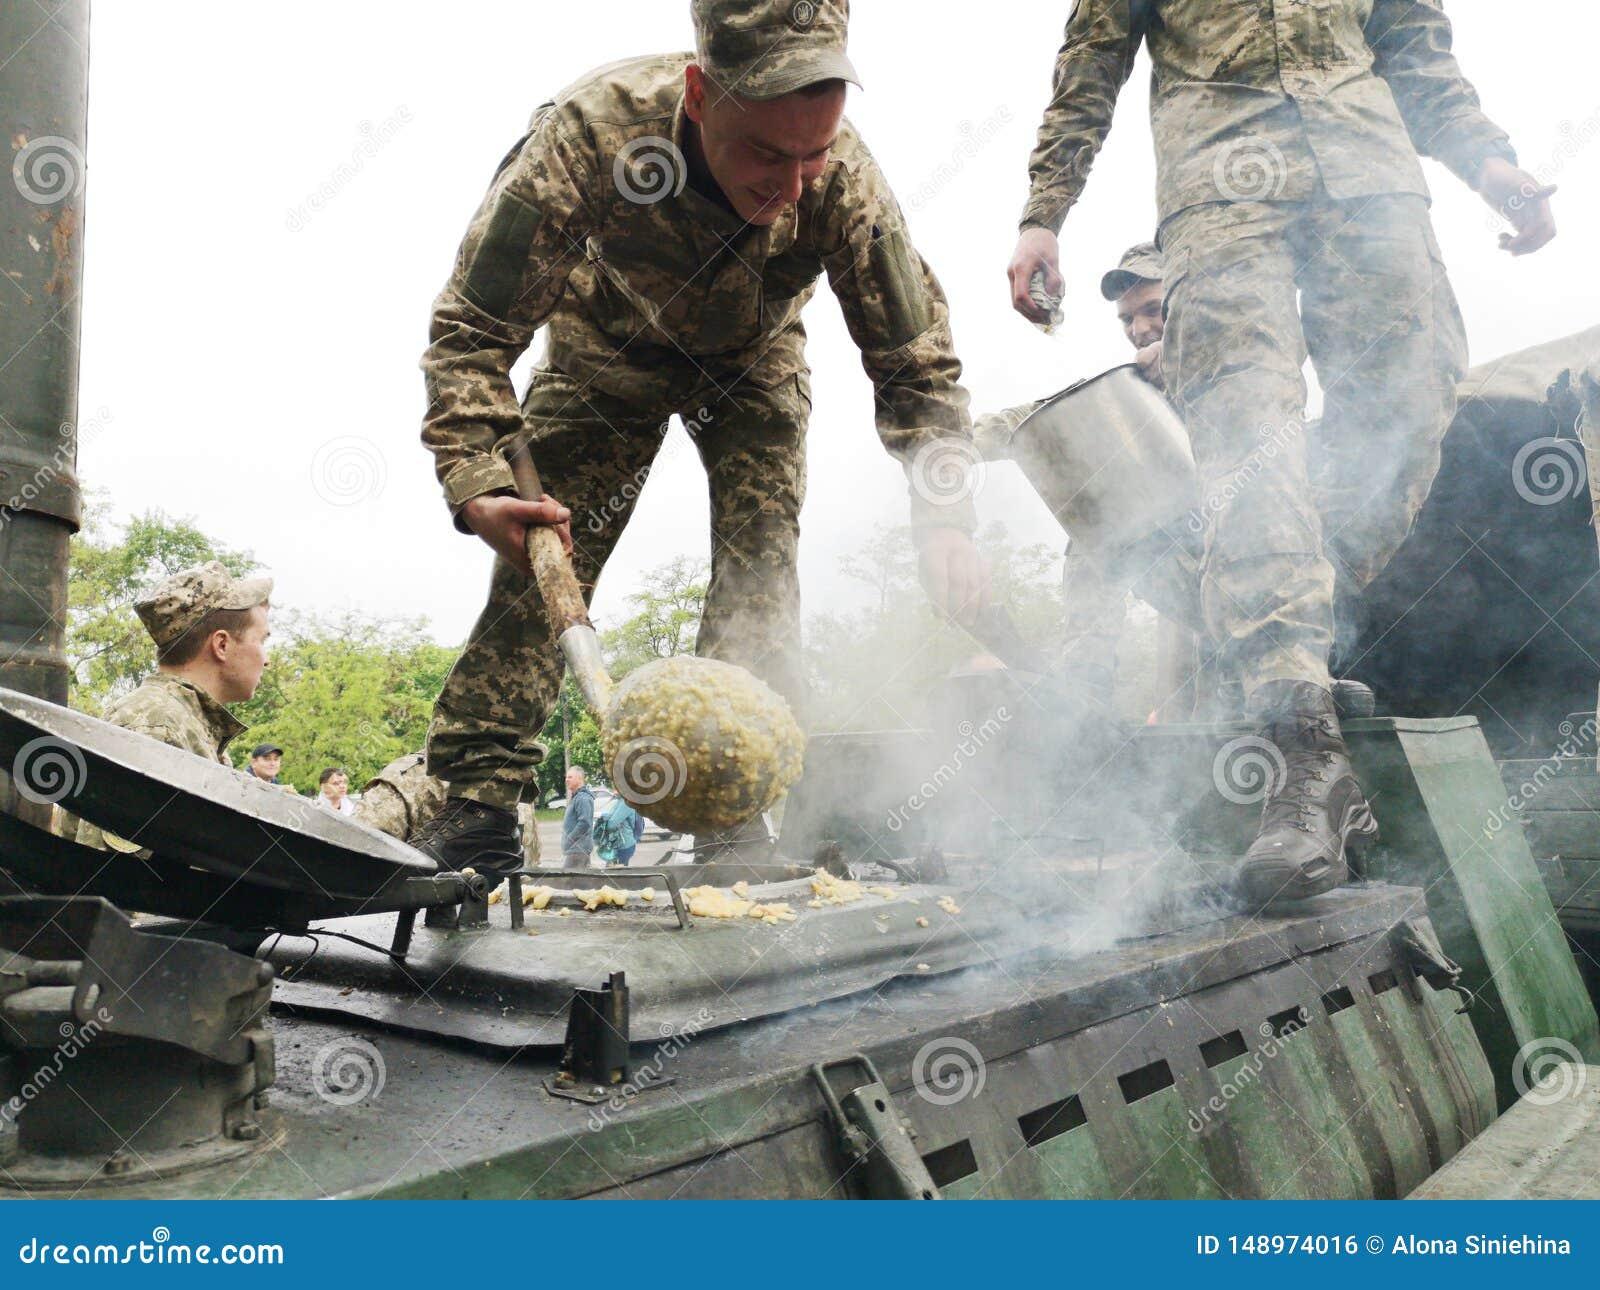 NIKOPOL, UKRAINE - MAI 2019: Ukrainisches Milit?r kocht den Brei der Soldaten und behandelt Leute zu ihm an der Parade zu Ehren